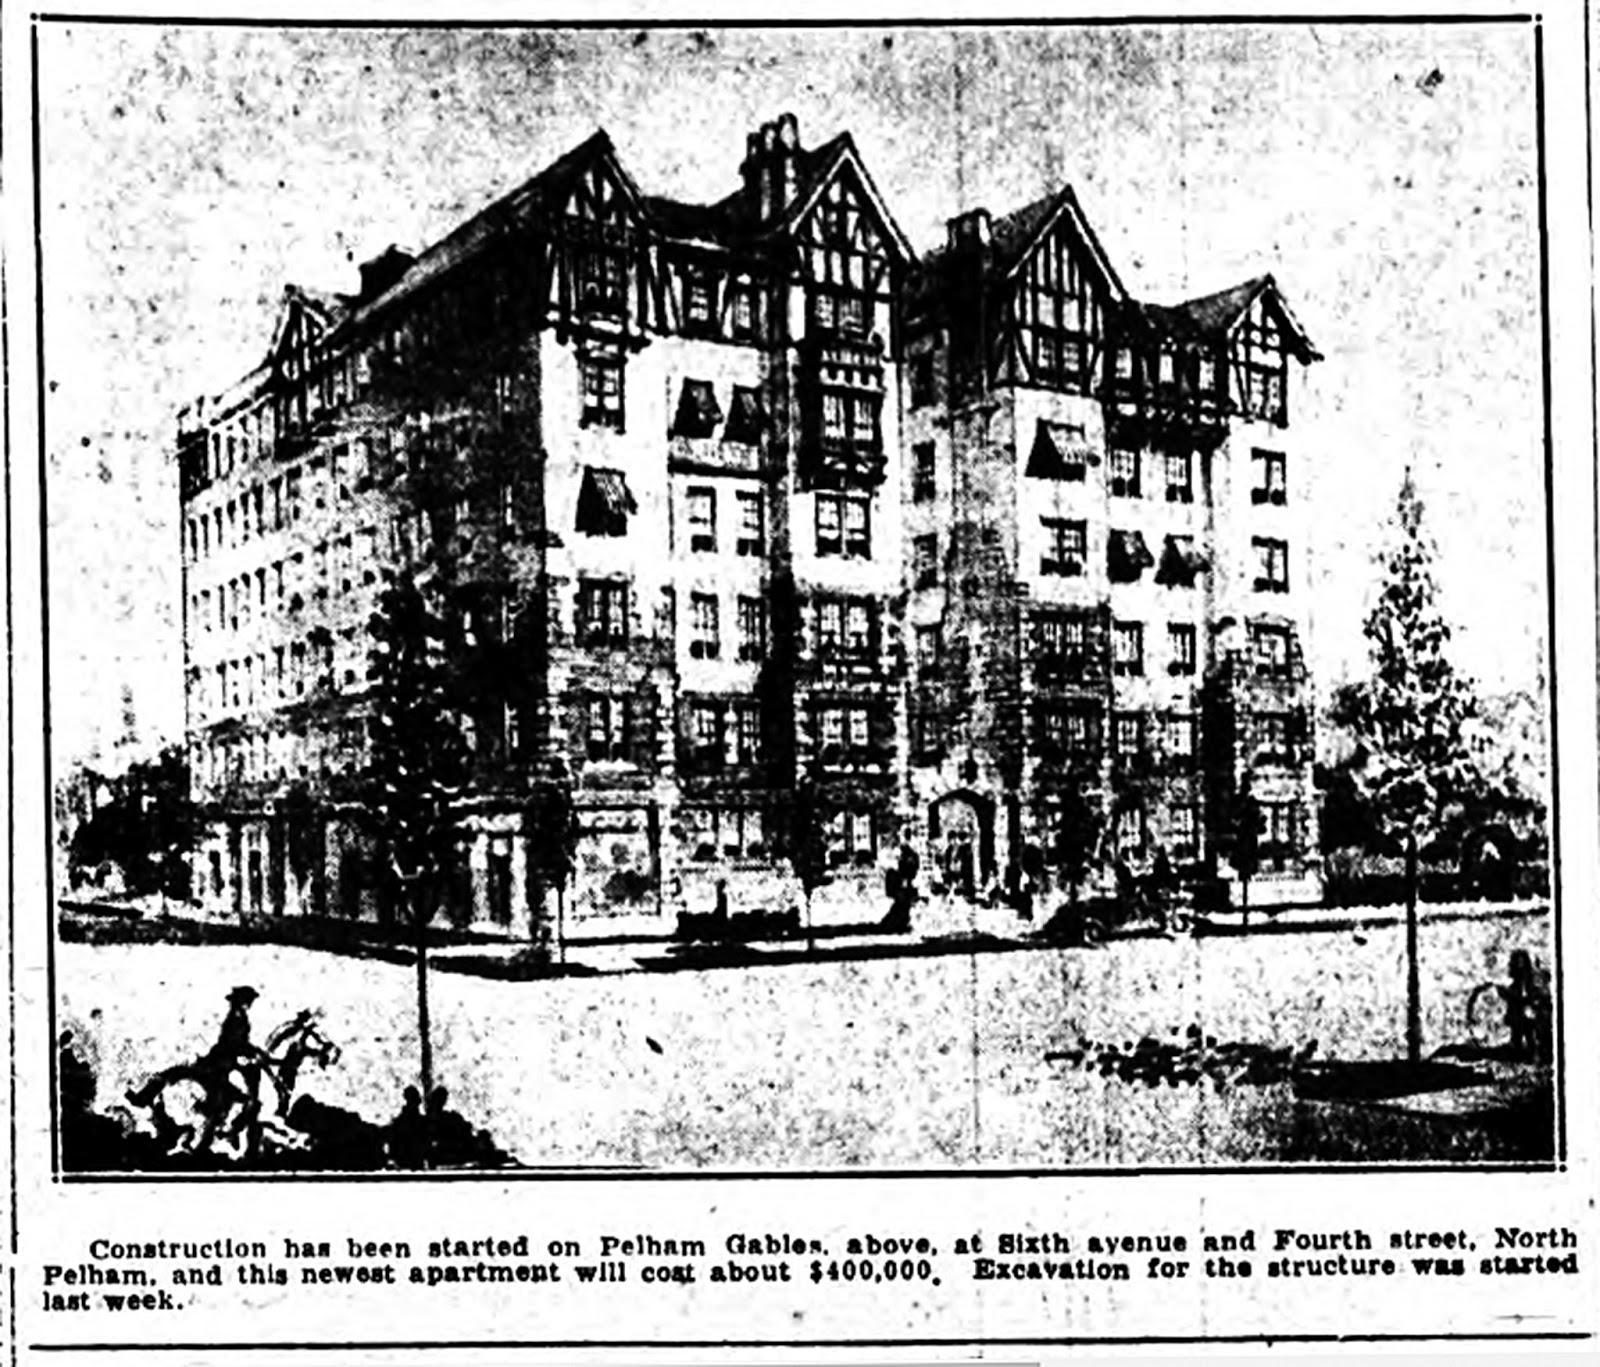 Historic pelham the building boom in pelham in 1925 and for The pelham